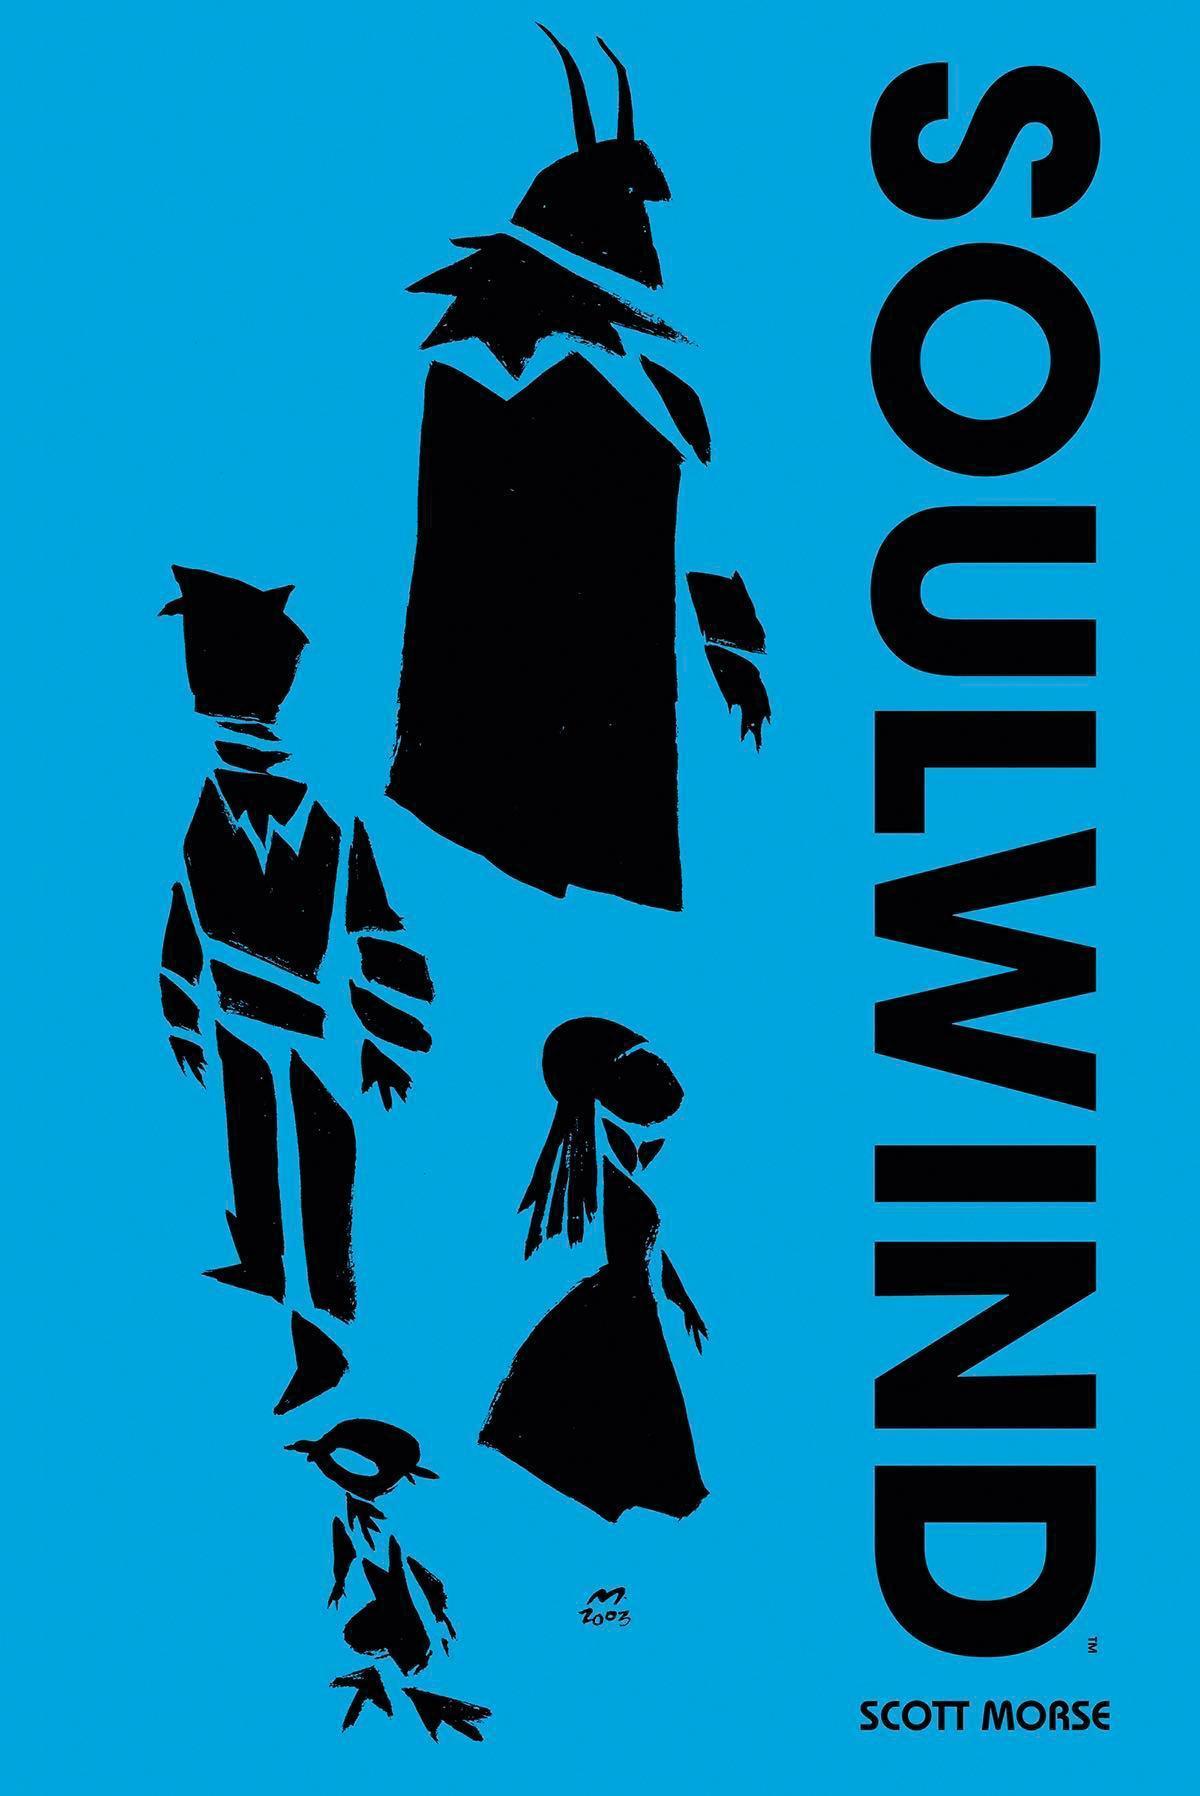 《SOULWIND》是史考特莫斯的圖文書,曾入圍有美國漫畫界奧斯卡之稱的「艾斯納獎Eisner Awards」。(翻攝自Freshcomics.com)